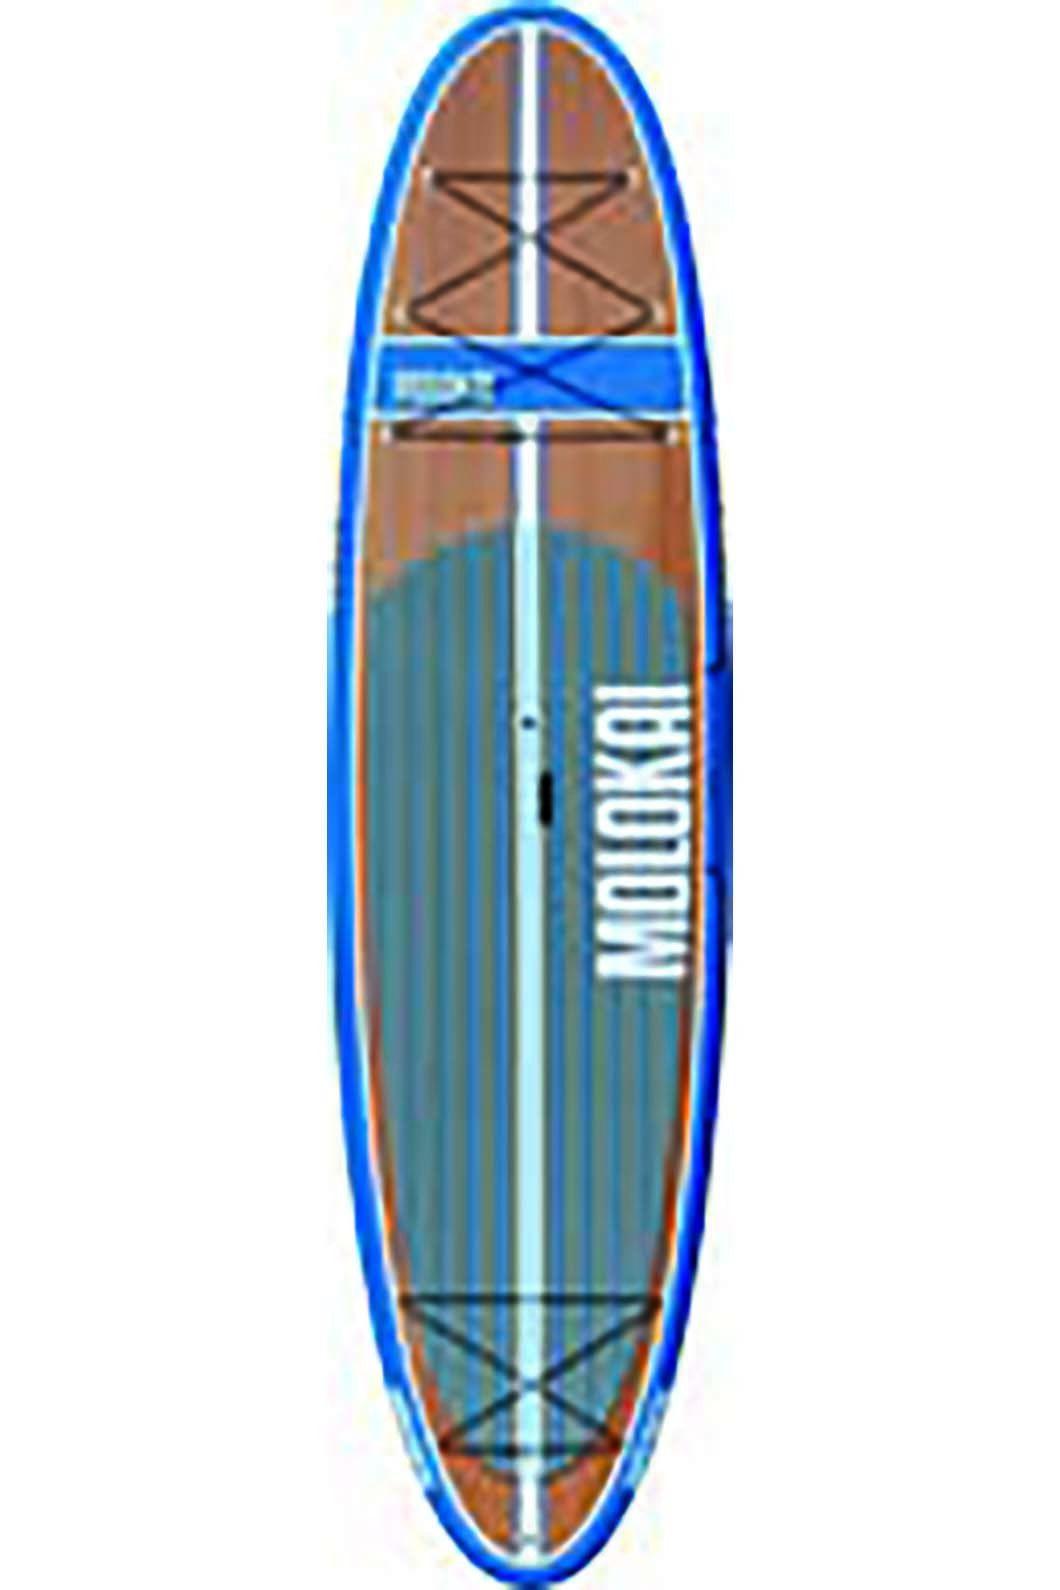 Molokai Epoxy Dream Rider SUP Board 10ft 6in, None, hi-res